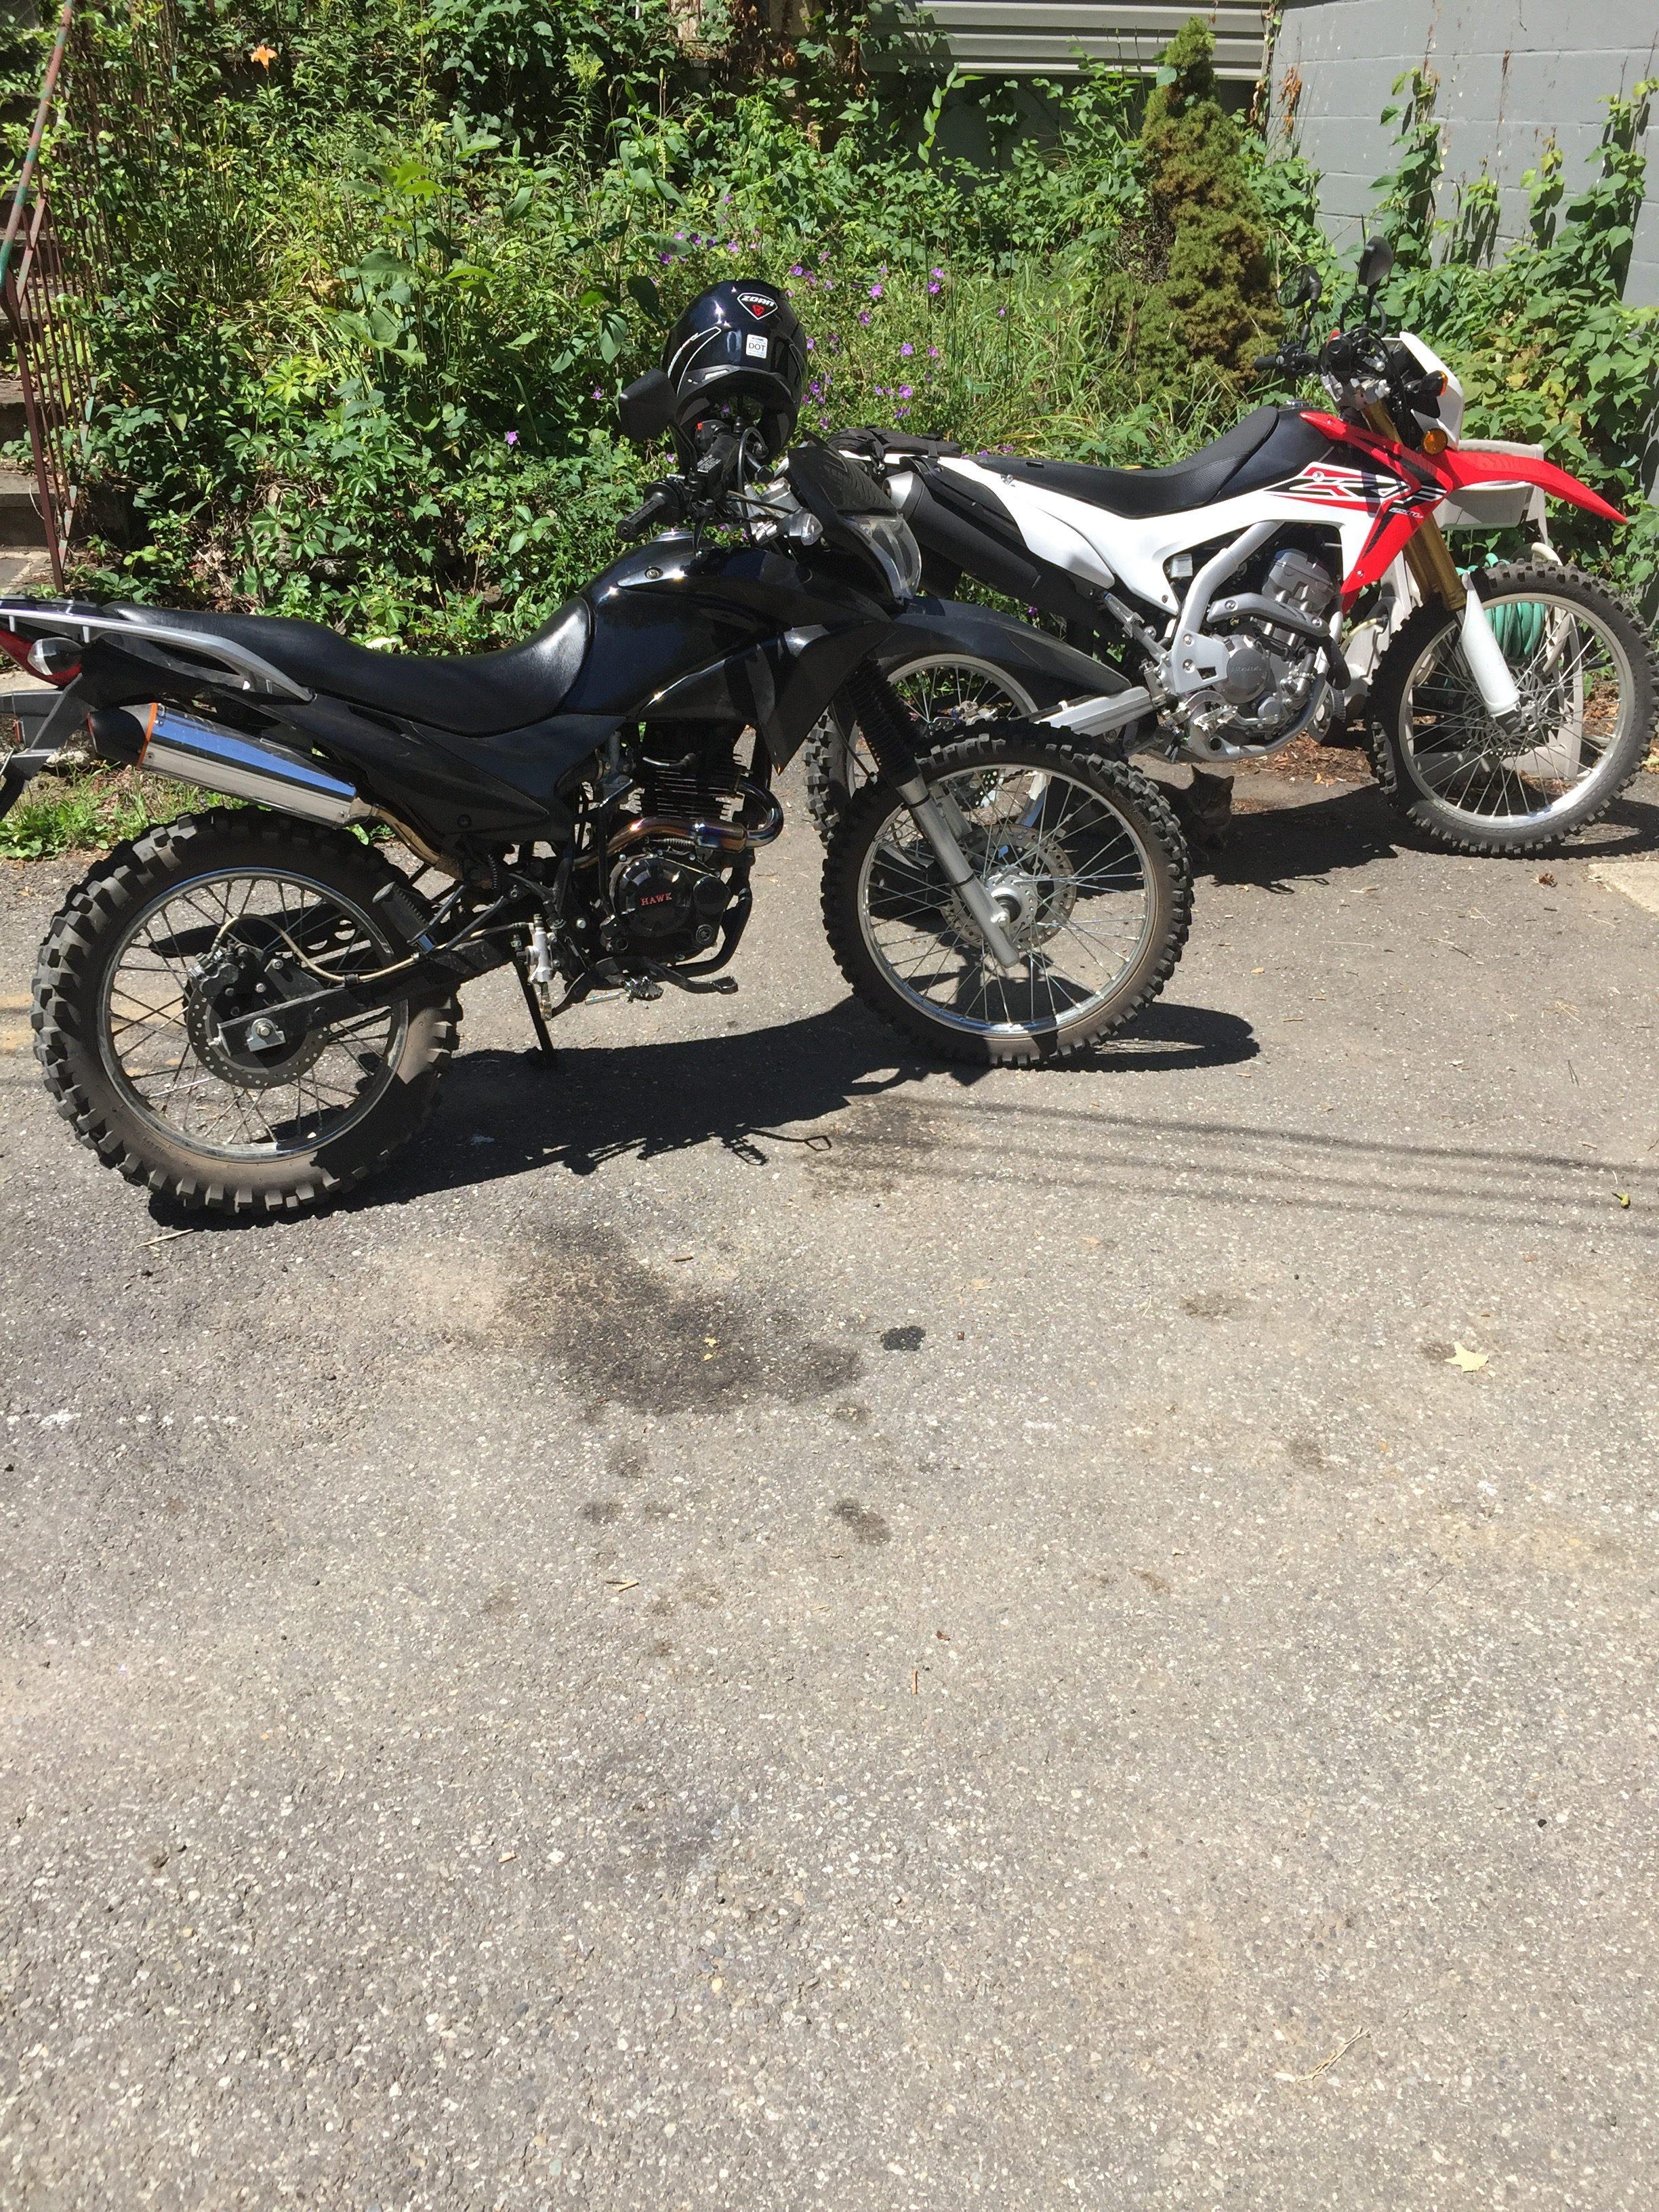 Hawk 250 and Honda Dirt Bikes